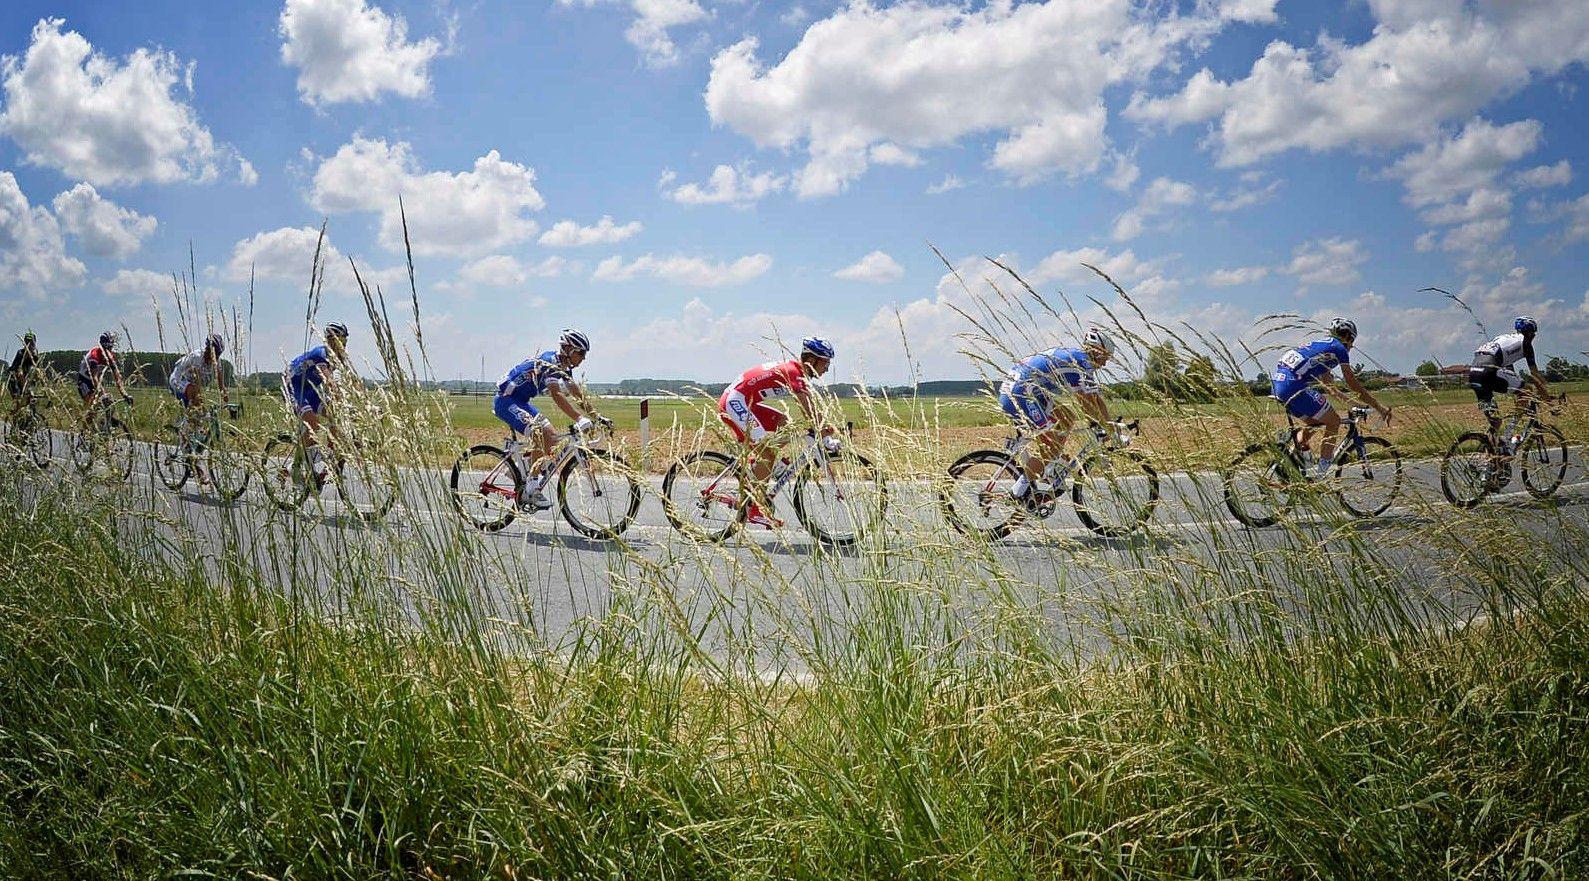 CANAVESE - Arriva il Giro d'Italia: lavori per un milione di euro sulle strade